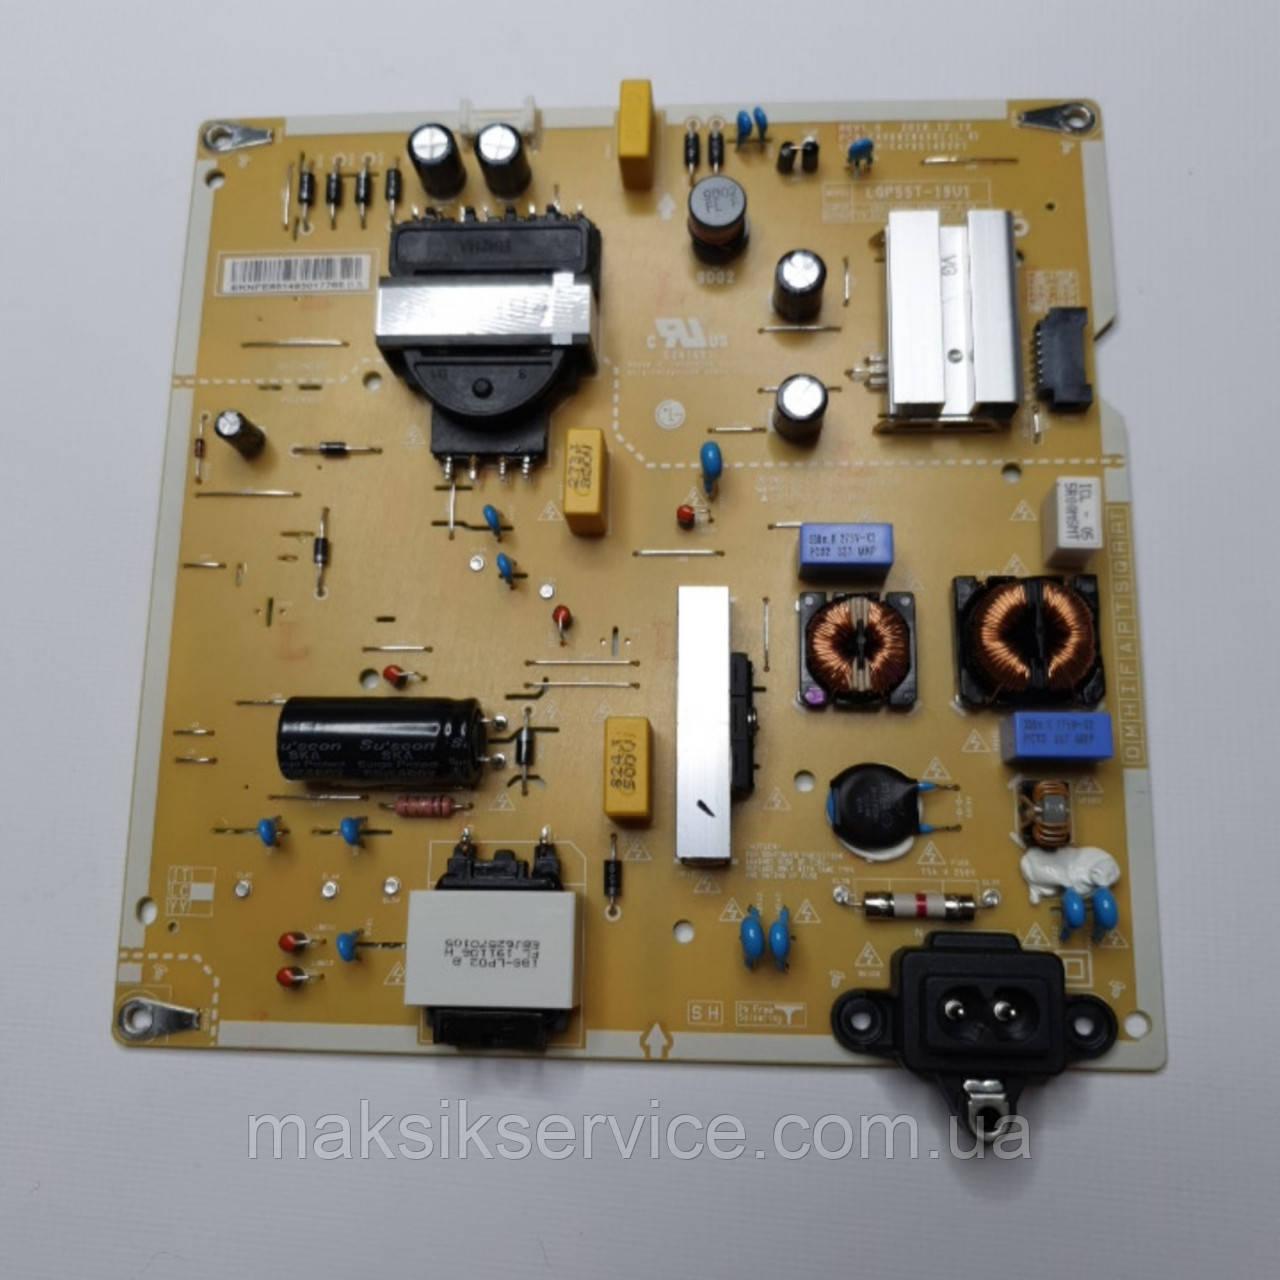 Блок питания EAX68284301(1.6) EAY65149301 для LG 55UM7450PLA